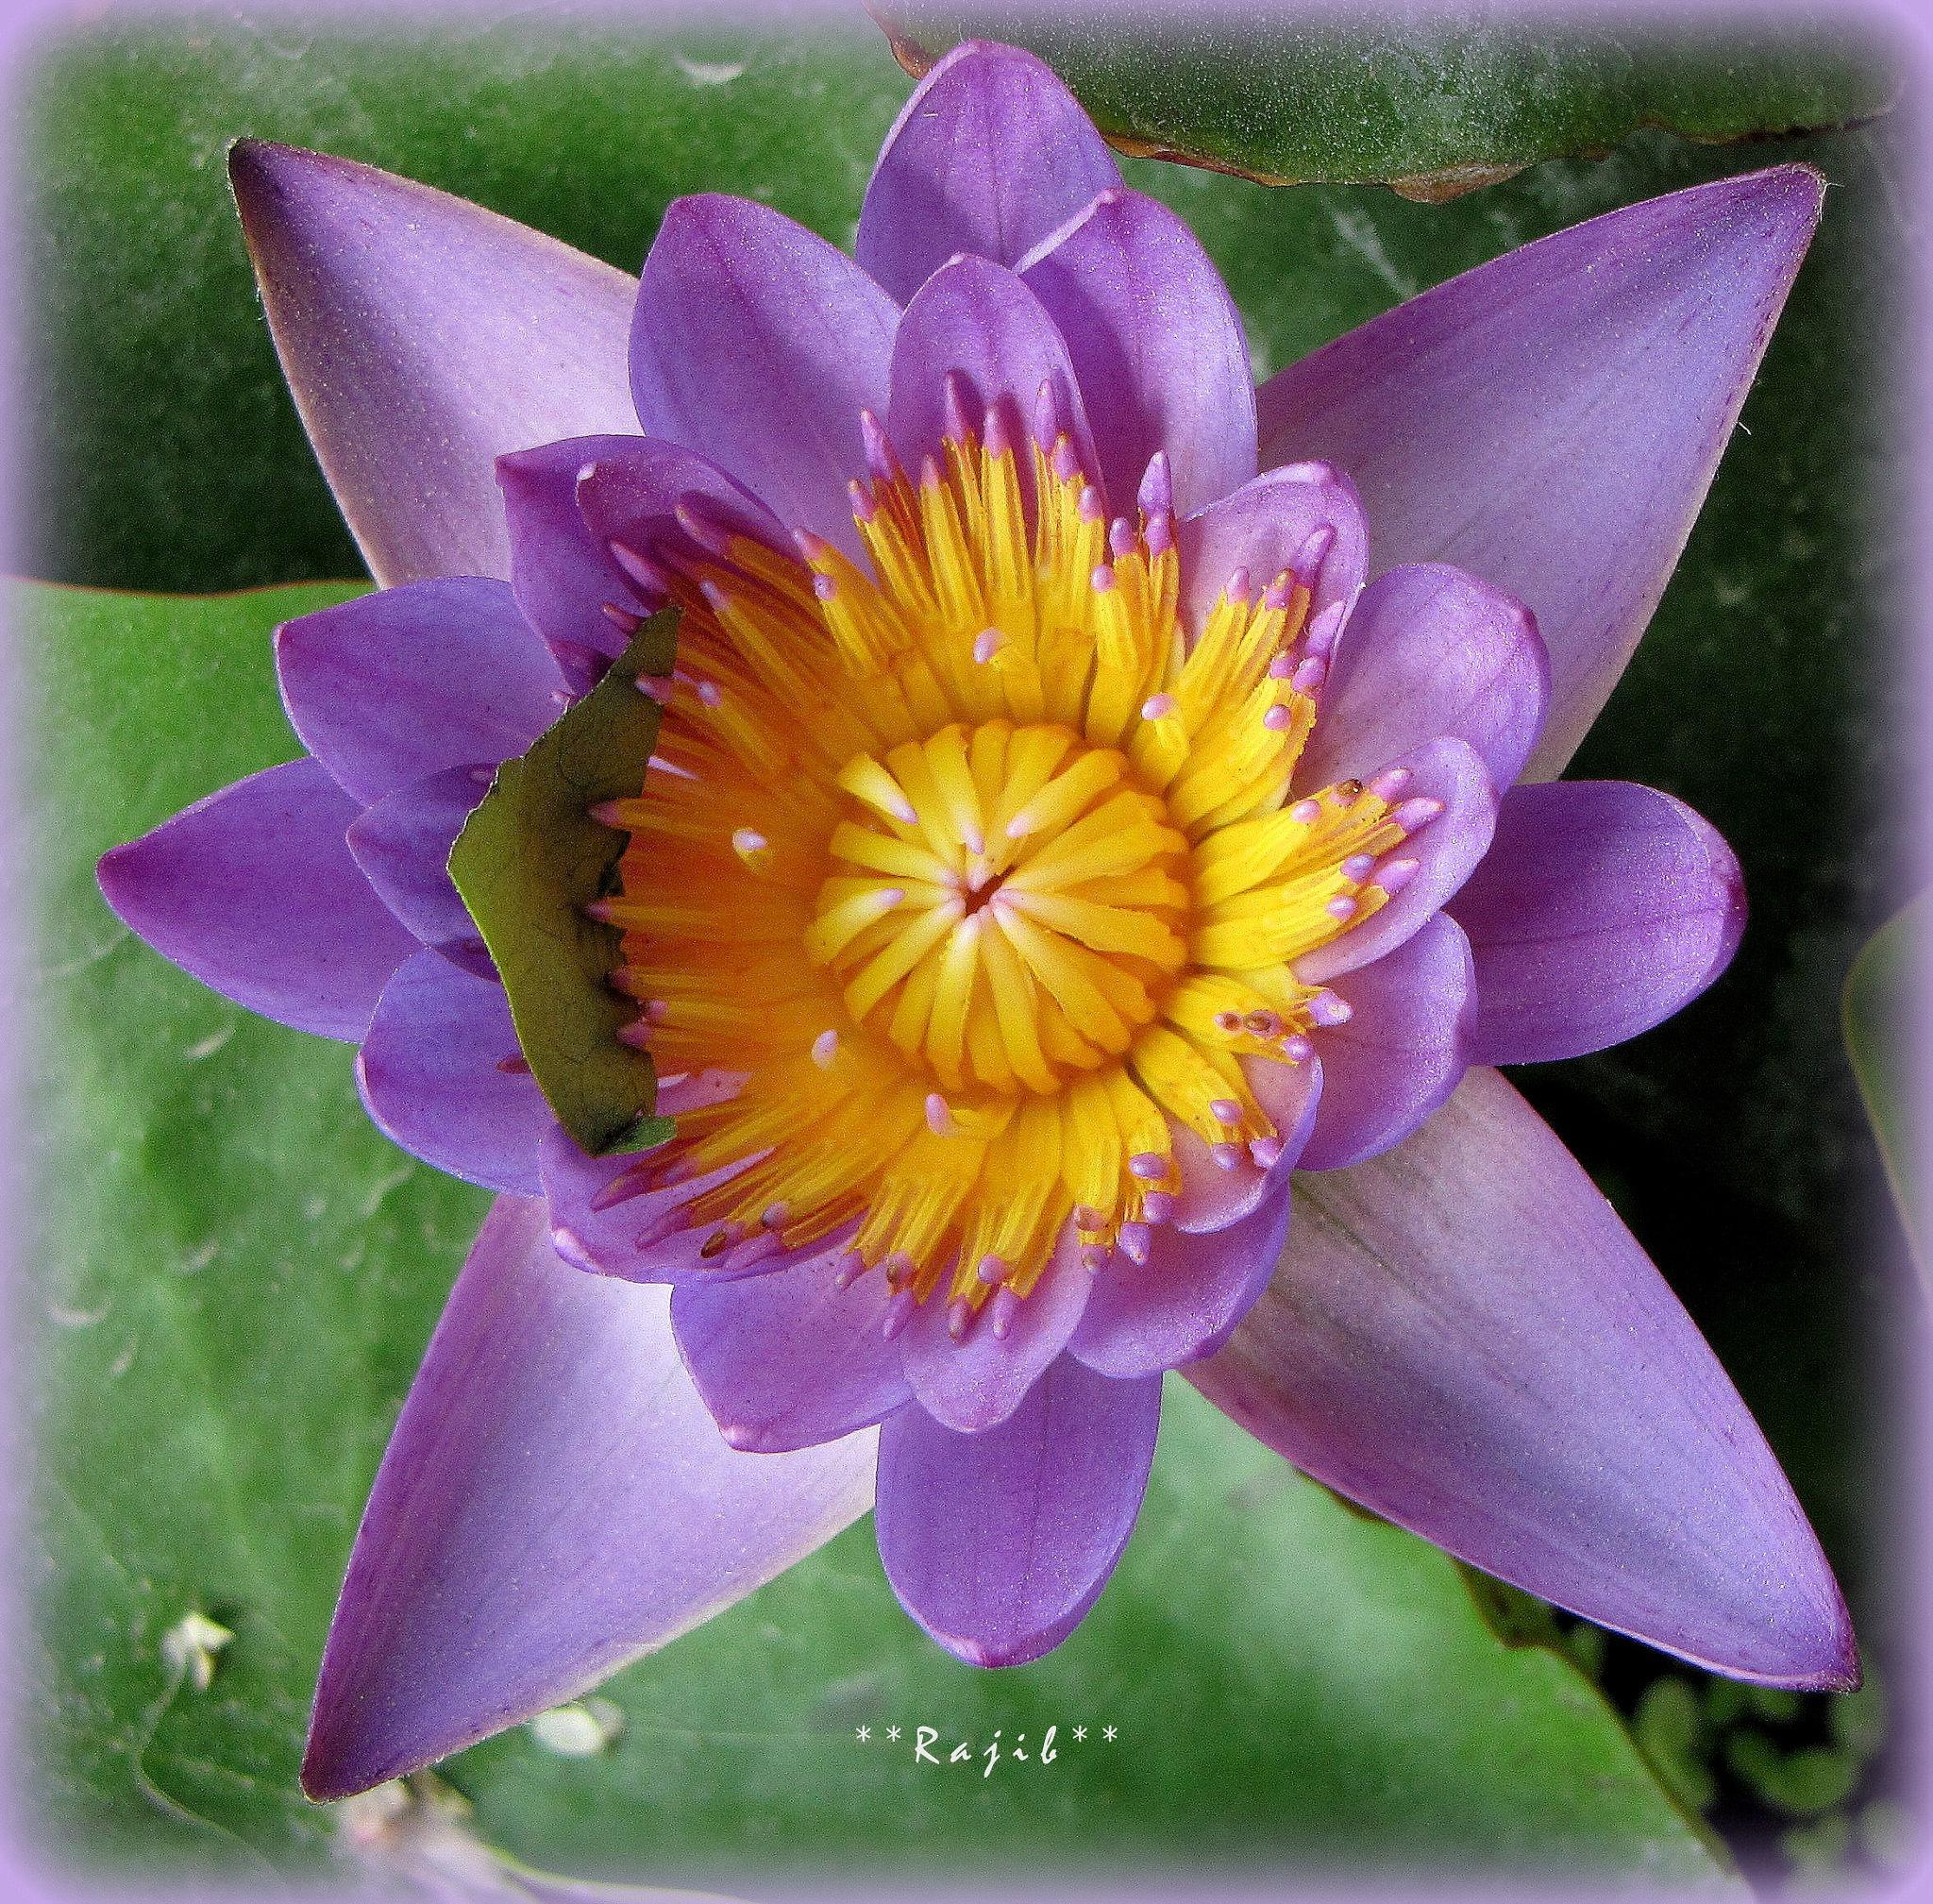 Lotus by saharajib